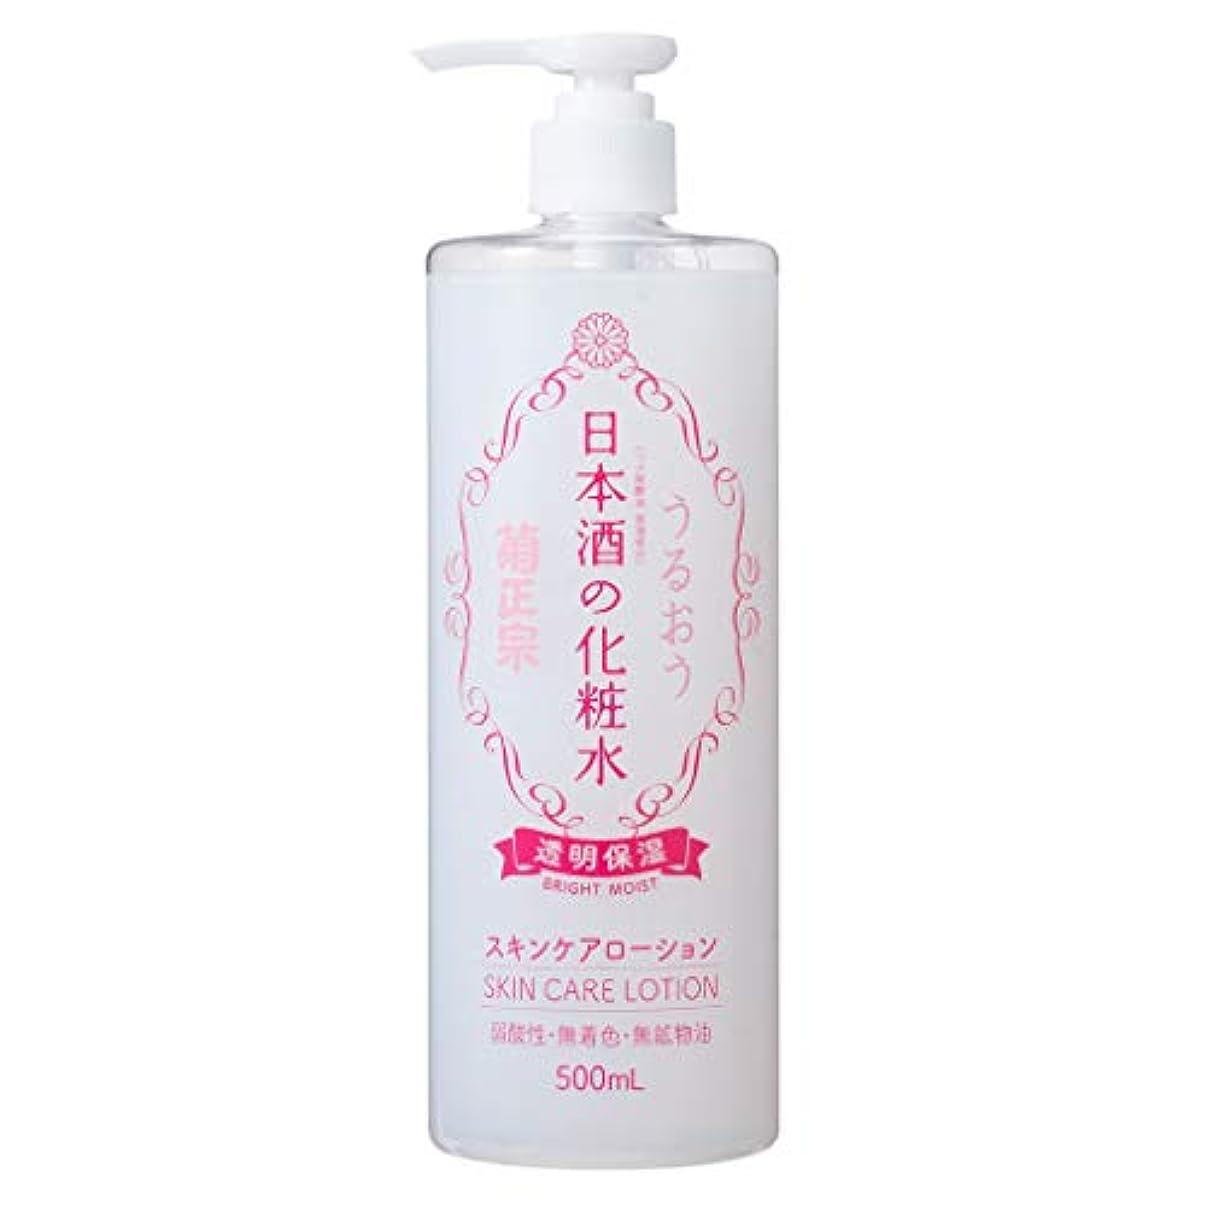 主観的集まるミュート菊正宗 日本酒の化粧水 透明保湿 500ml ビタミン